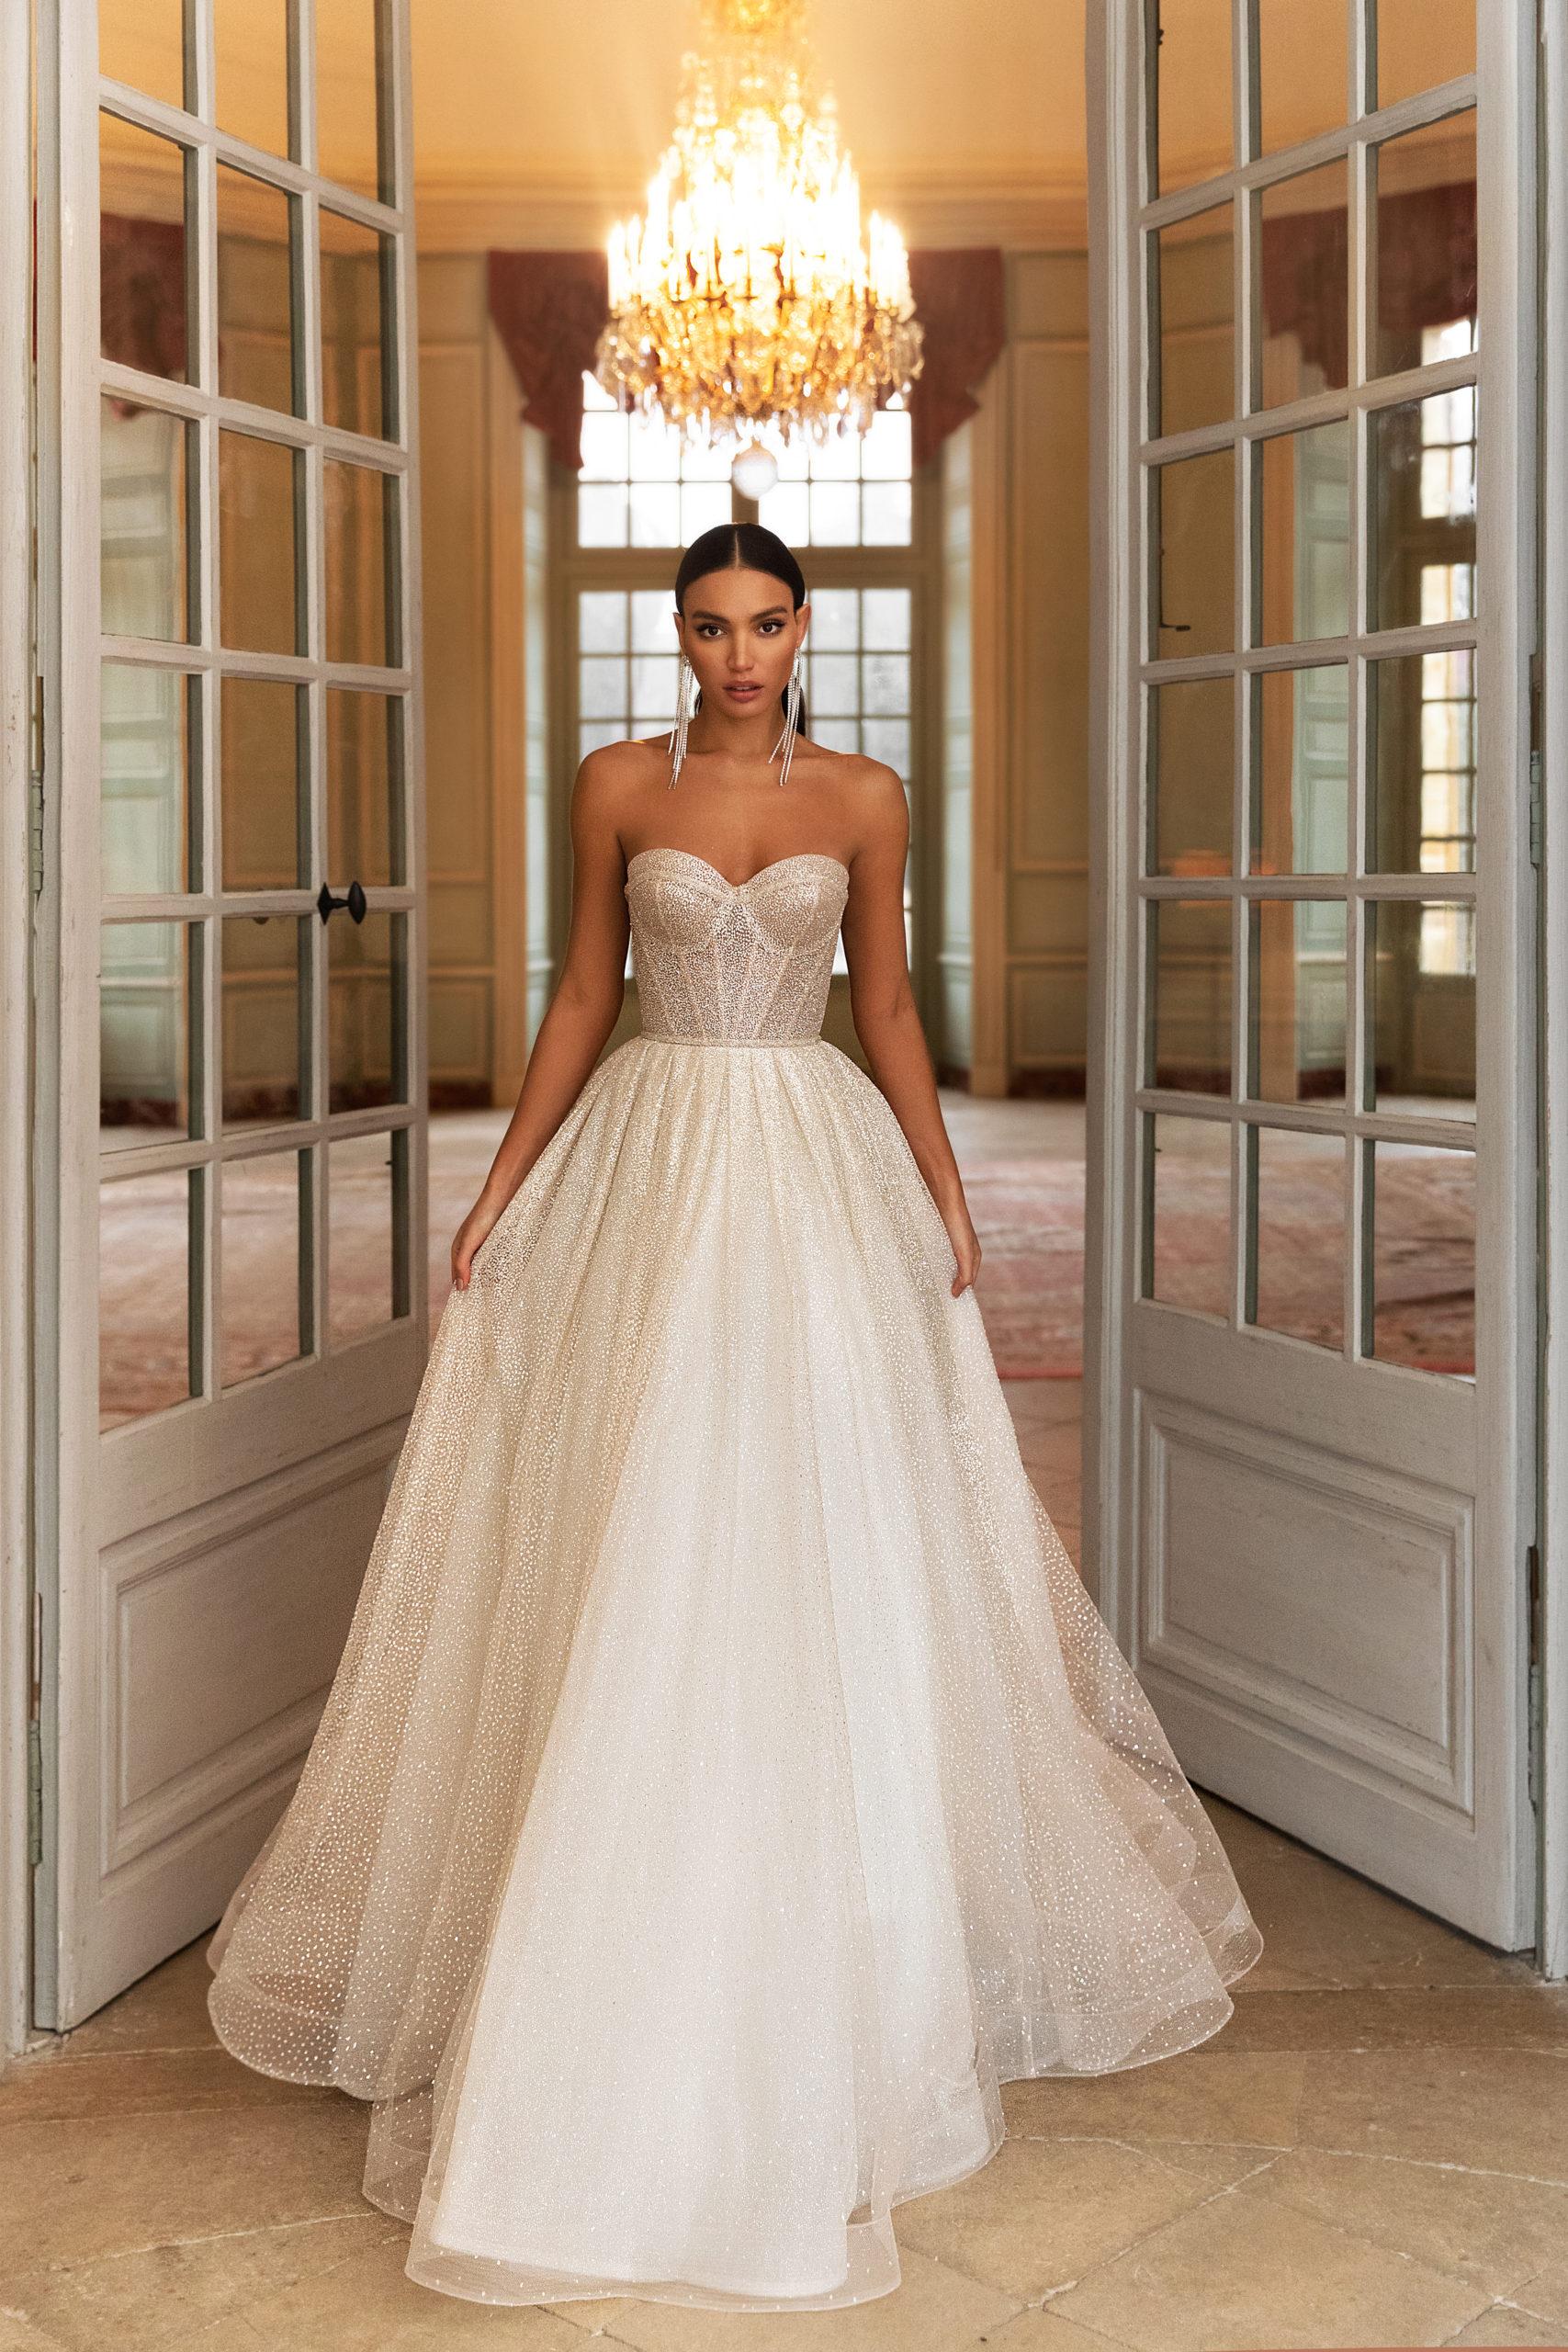 les plus belles robes de mariée genève pollardi royalty gloss paillettes strass bustier coeur princesse volume nouvelle collection tous les budgets exclusivité luxe nude blush ivoire